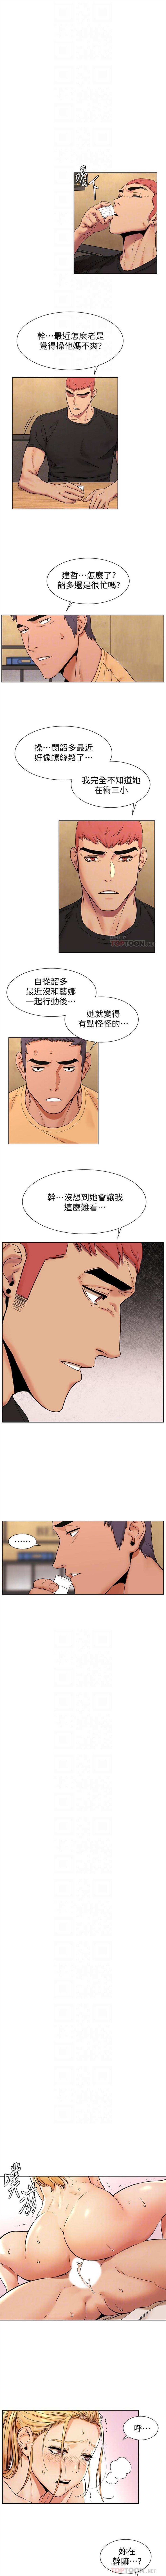 衝突 1-100官方中文(連載中) 496